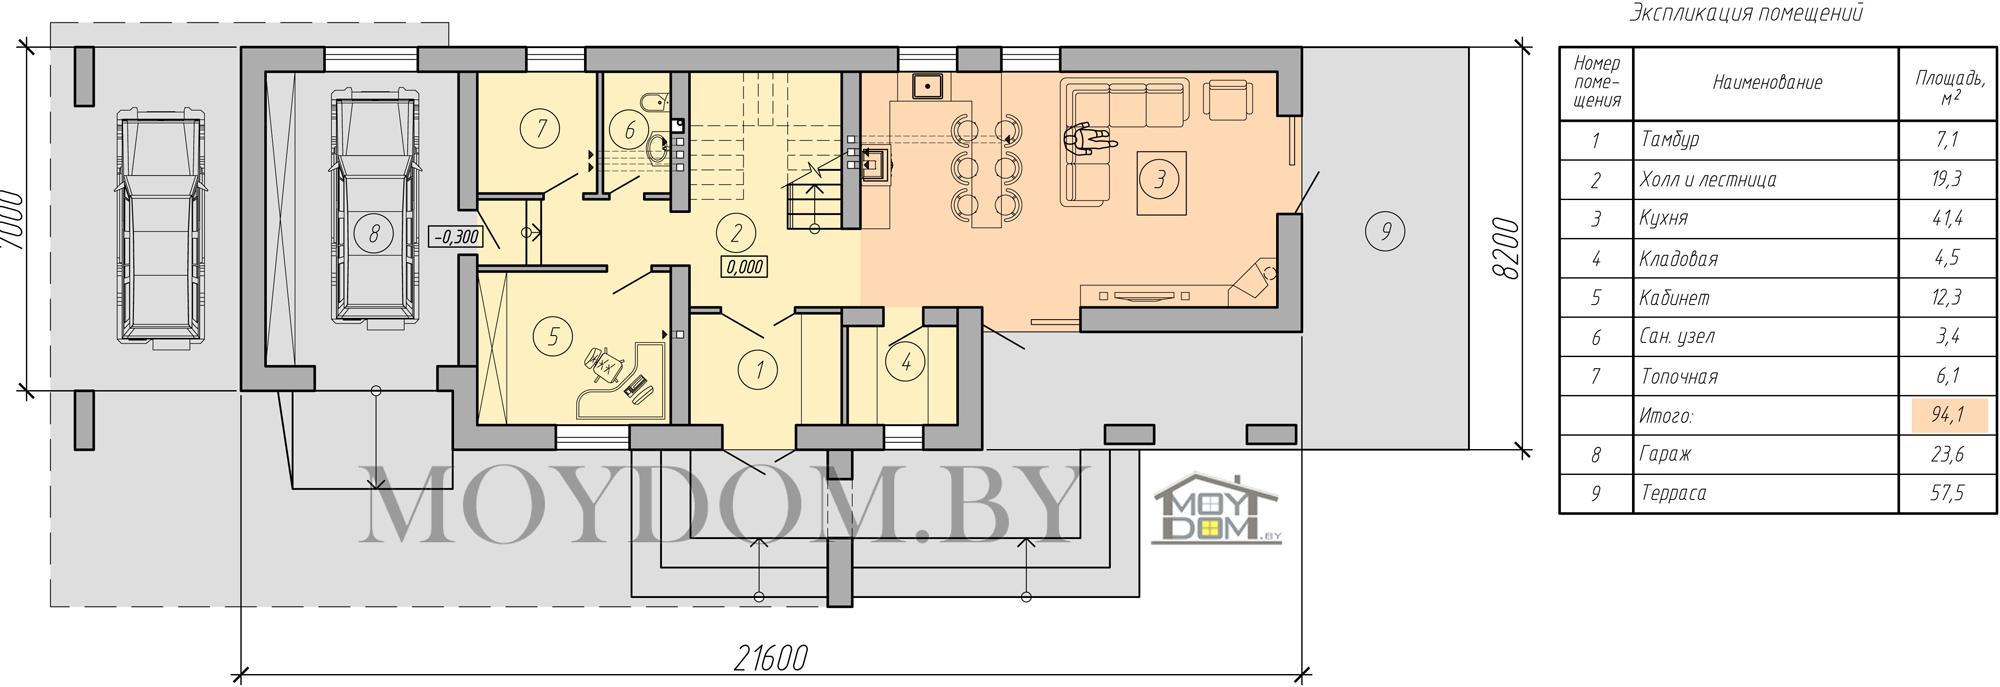 планировка двухэтажного дома в стиле хайтек